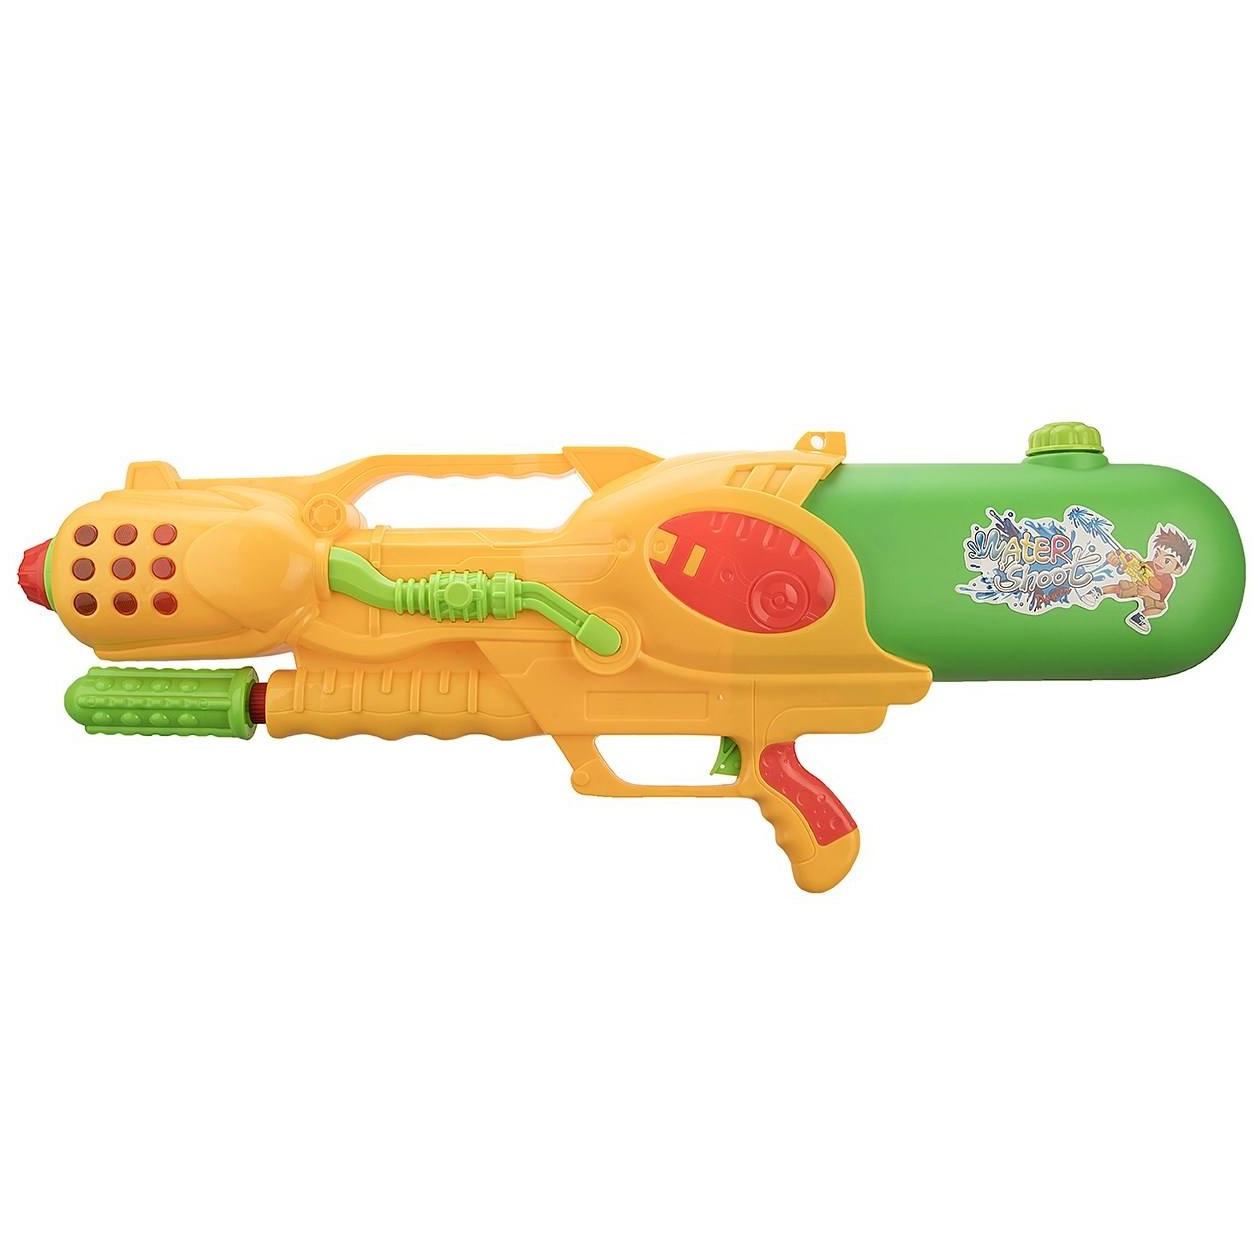 تفنگ آبپاش مدل غول آسا